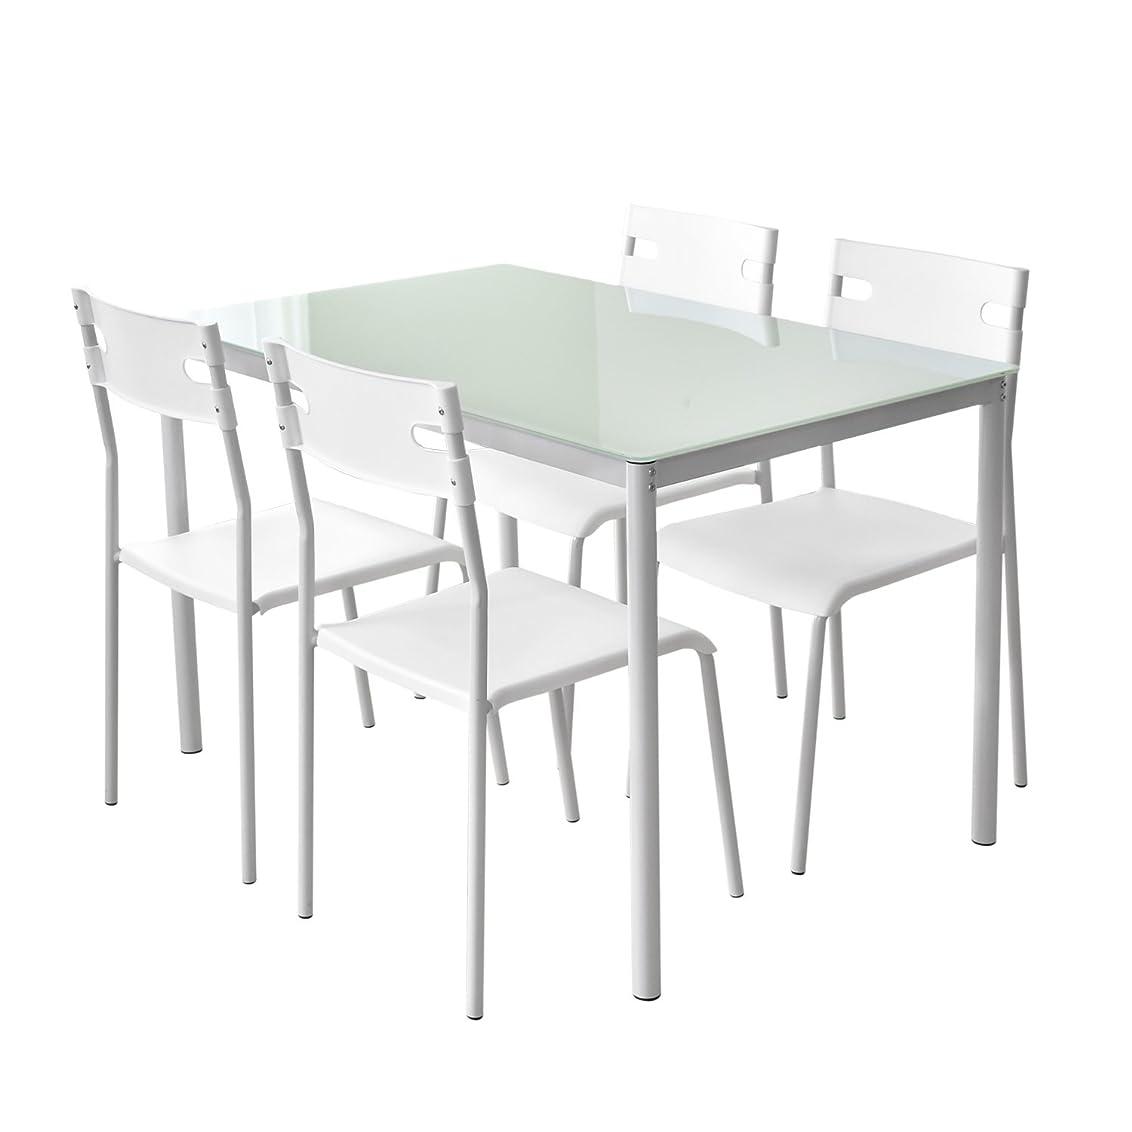 オープナー地元姿を消すDORIS ダイニングテーブル 5点セット ガラス 幅120 スタッキング 組立式 ホワイト ゼータ